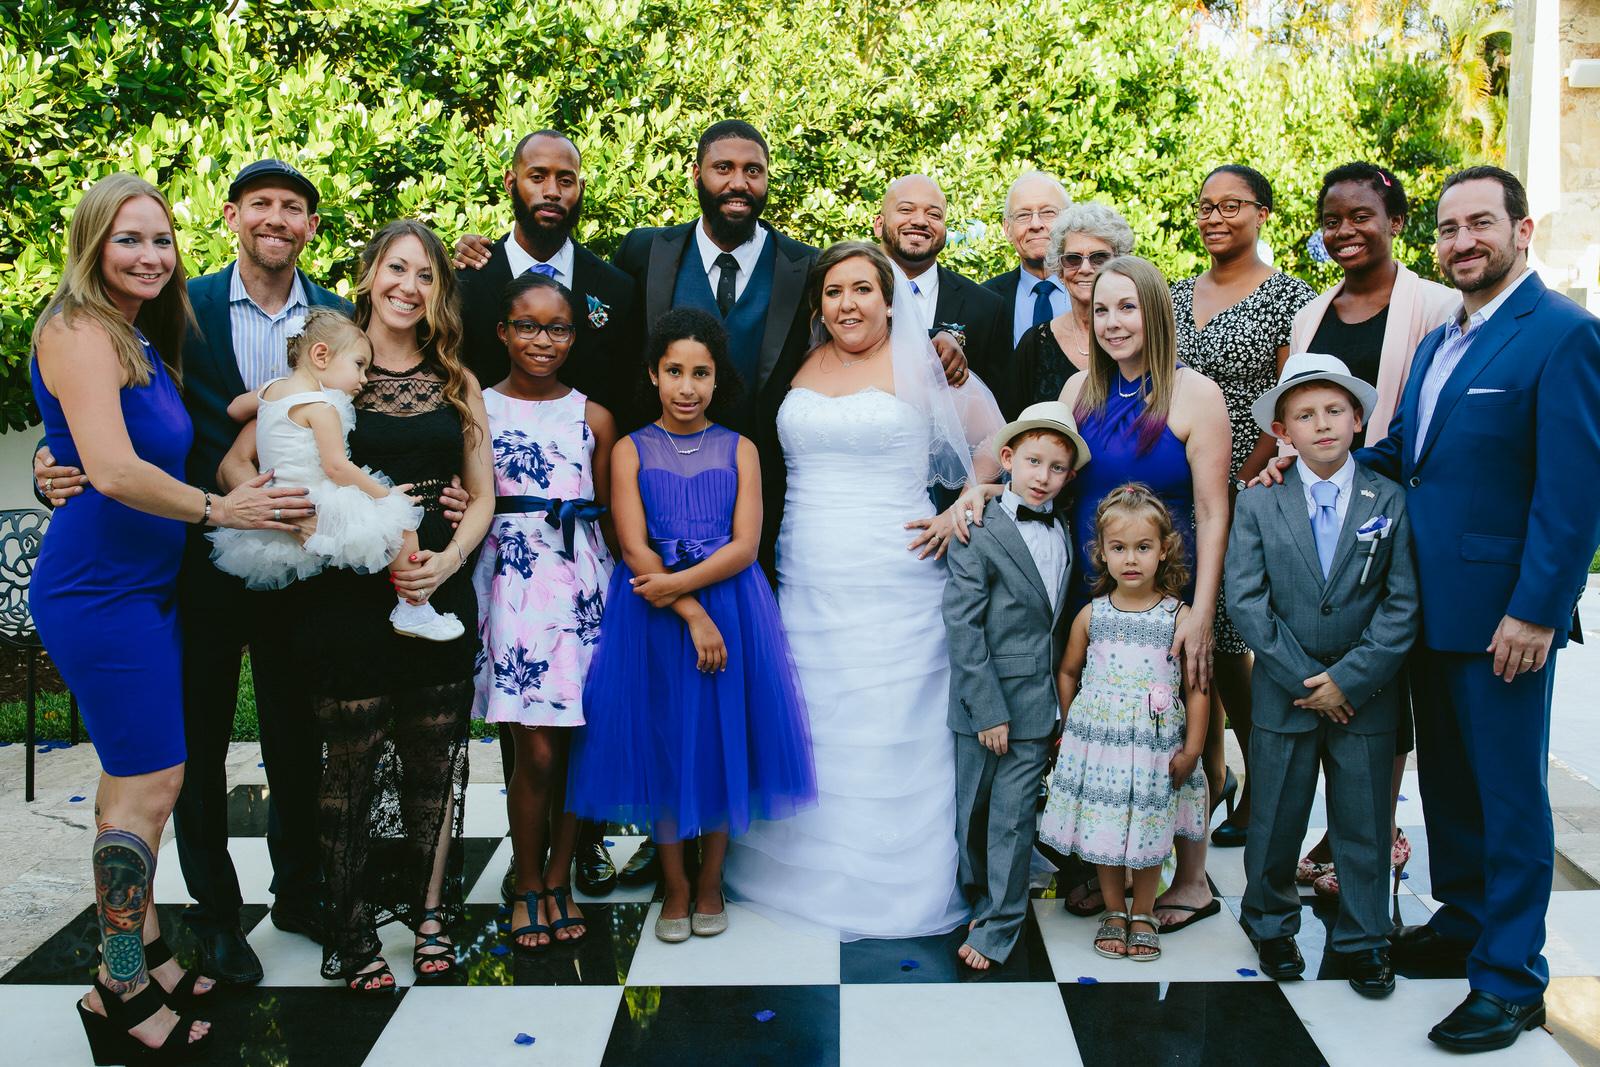 hollywood_estate_wedding_steph_lynn_photo_family_formals-4.jpg